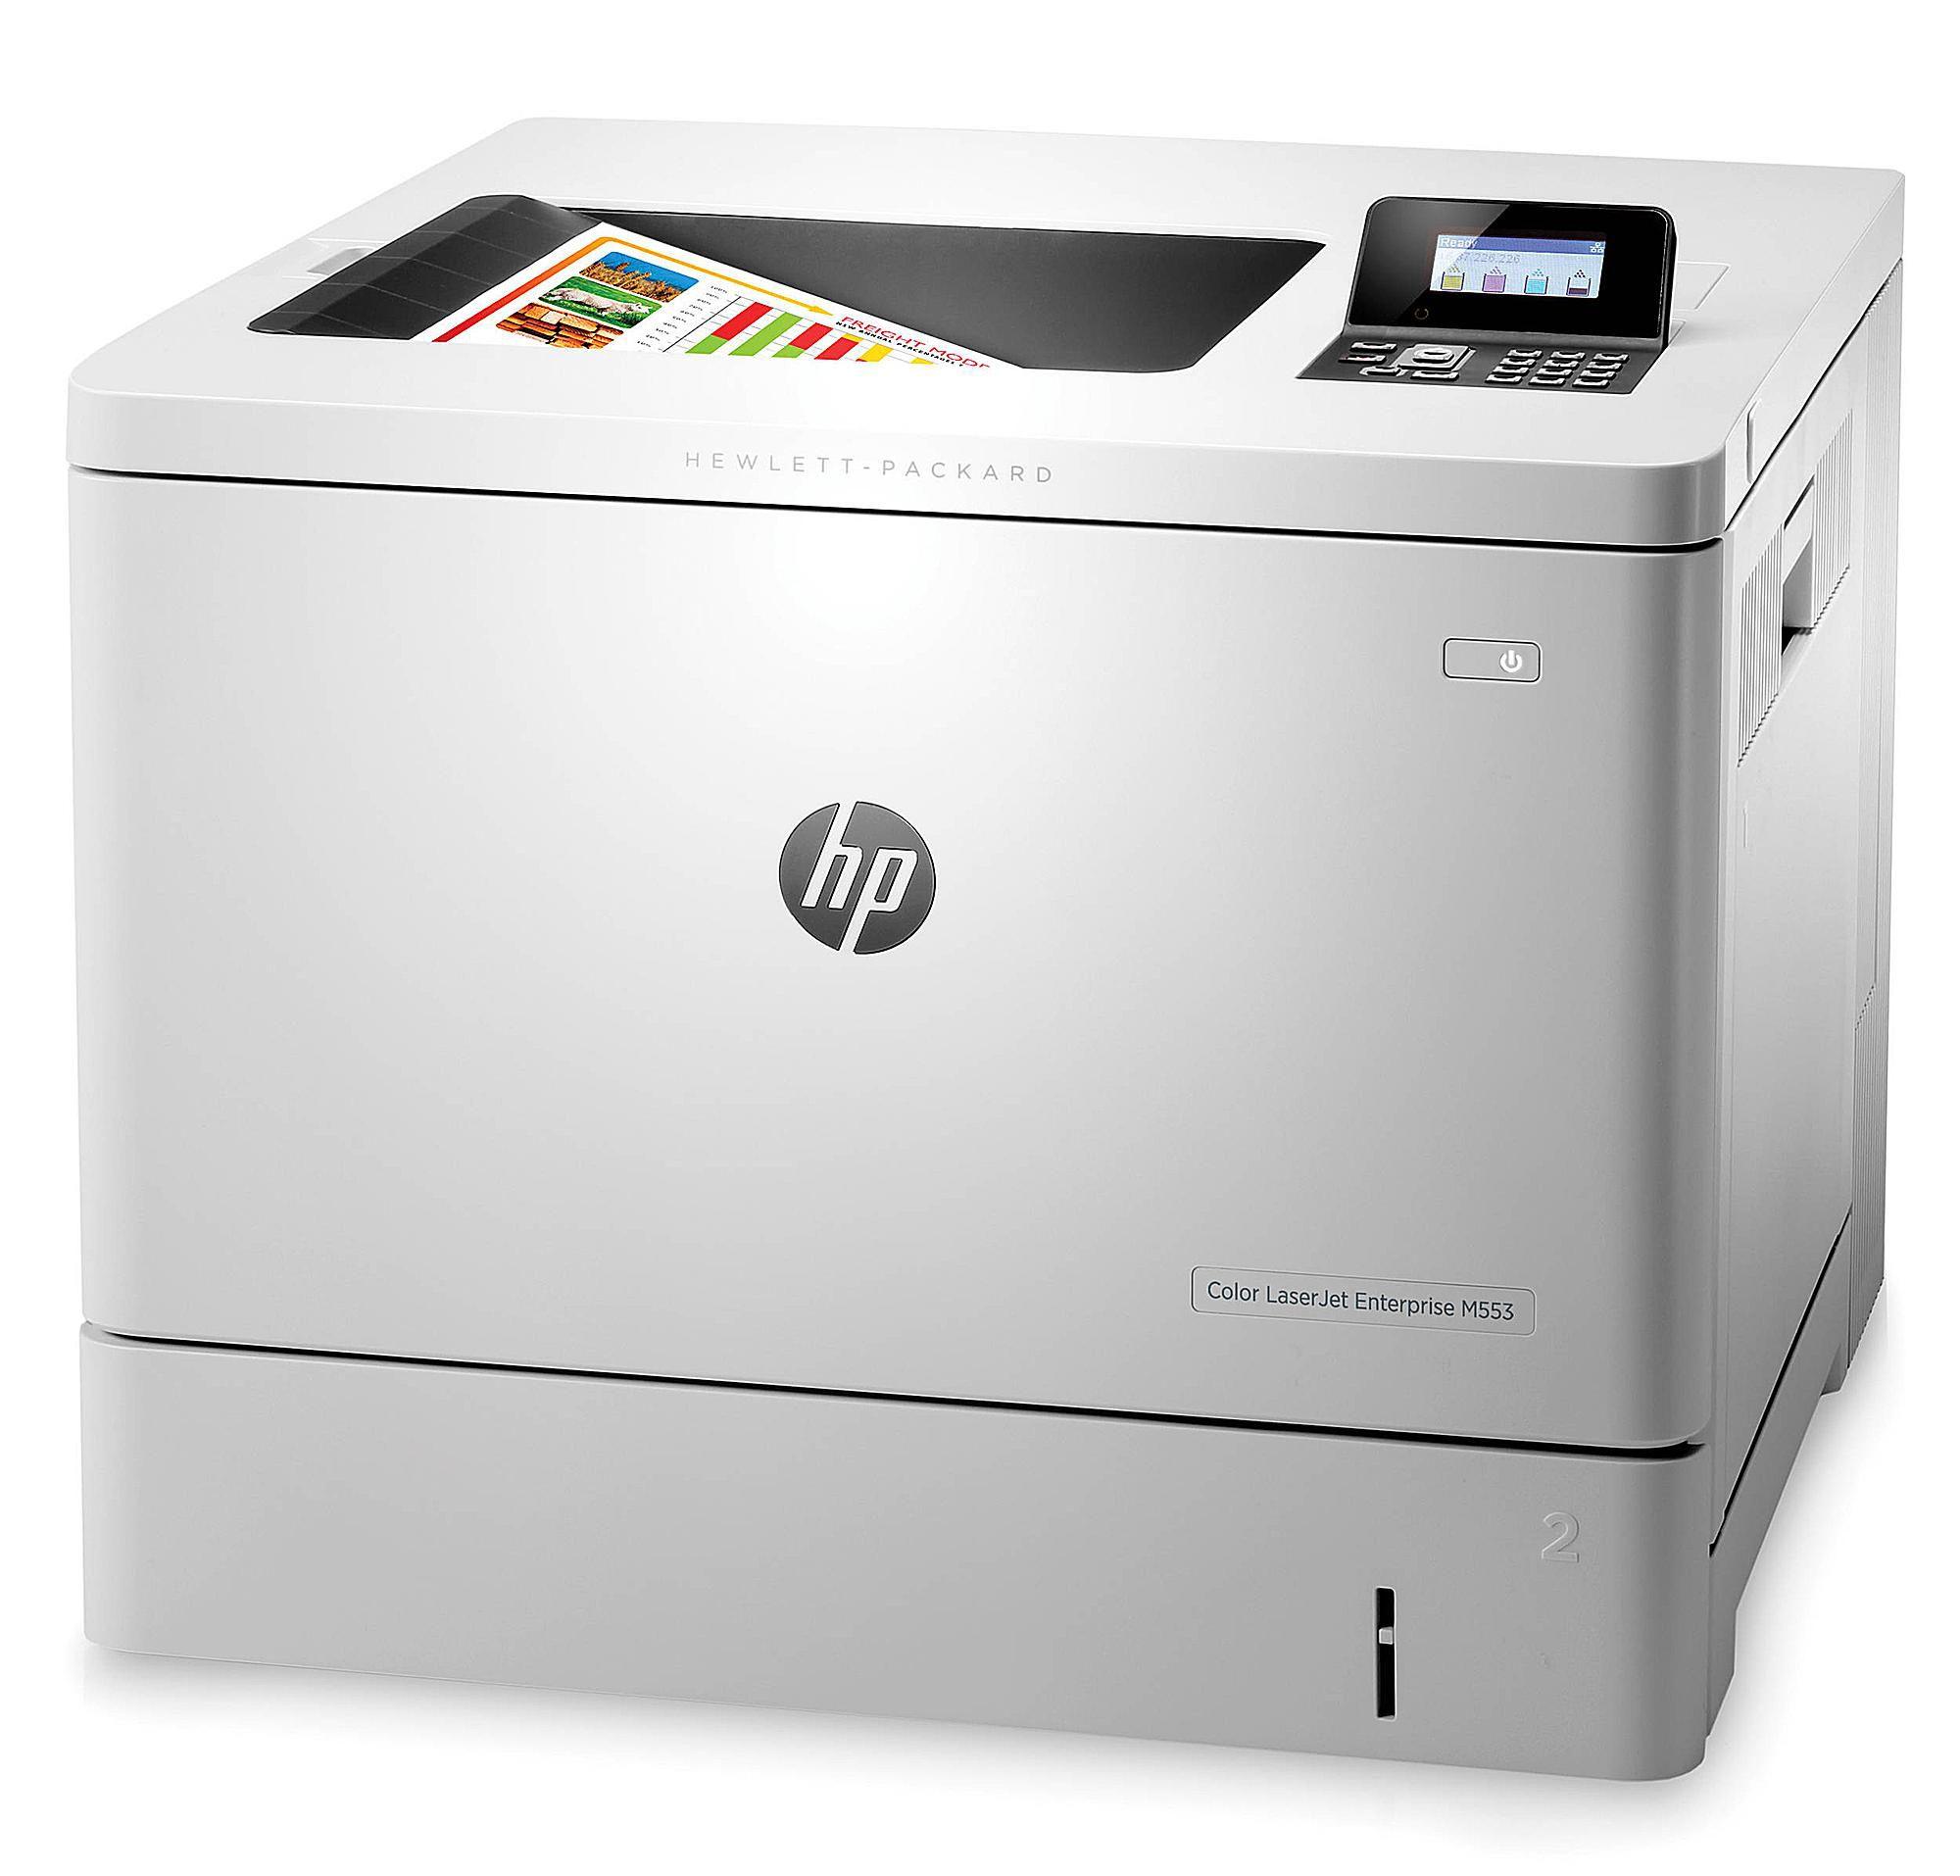 petitive monochrome CPP with HP s Color LaserJet Enterprise M553dn